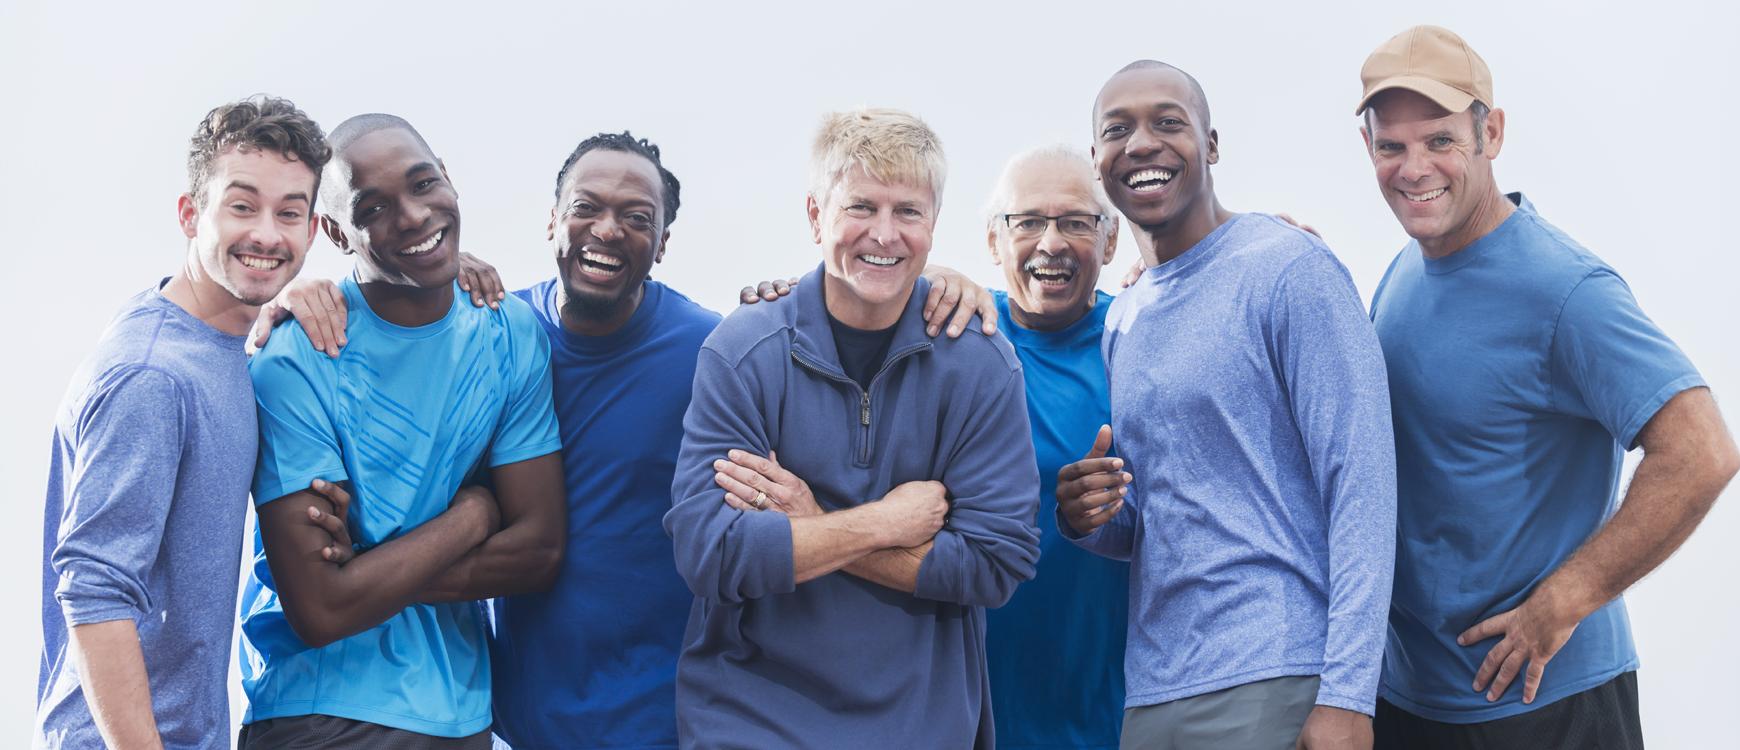 It's Men's Health Month